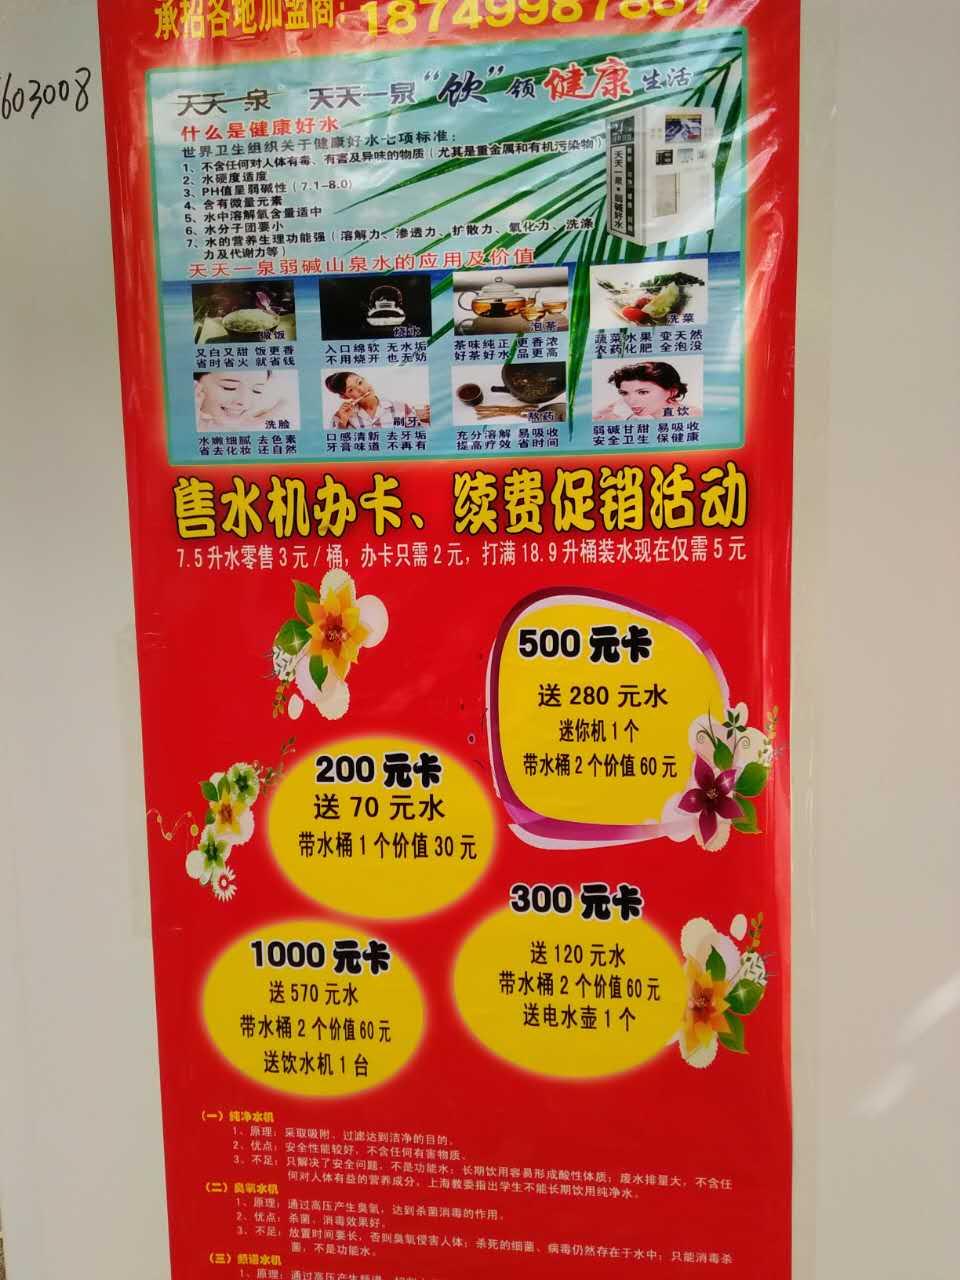 首页 商品列表 03 天天一泉健康饮水   商品详情:国家教委校园饮食